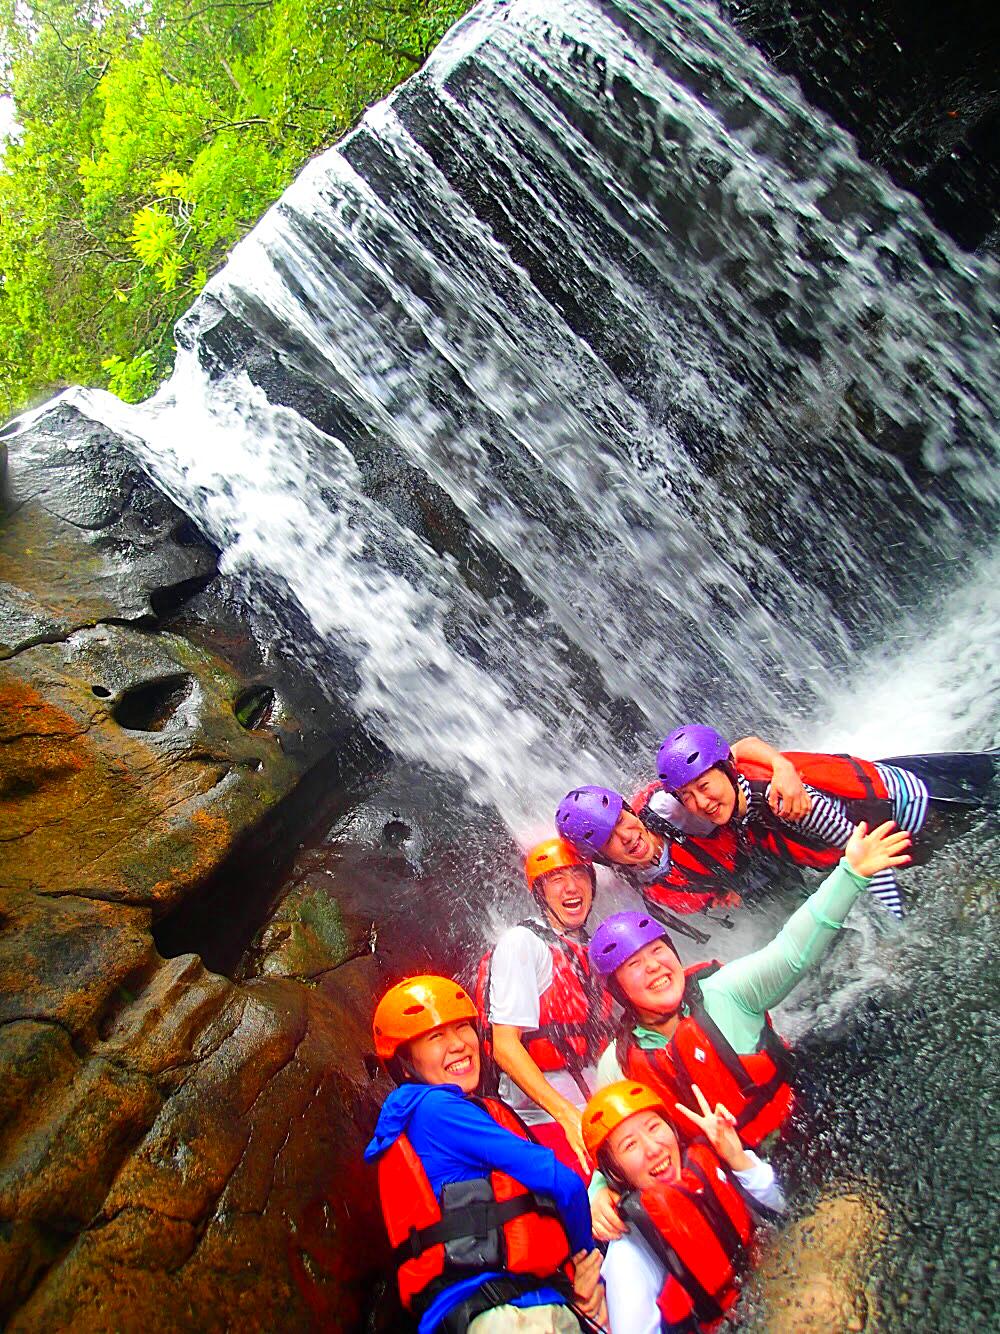 石垣島旅行・西表島で人気No1のSUPツアーで夏休み最高の島旅を!ケンガイドおすすめSUP秘境パワースポット巡りやシュノーケル・キャニオニングなど遊びは自由自在!女子旅行・学生旅行・家族旅行で観光アクティビティSUP体験を、西表島でSUP遊びを満喫しよう。